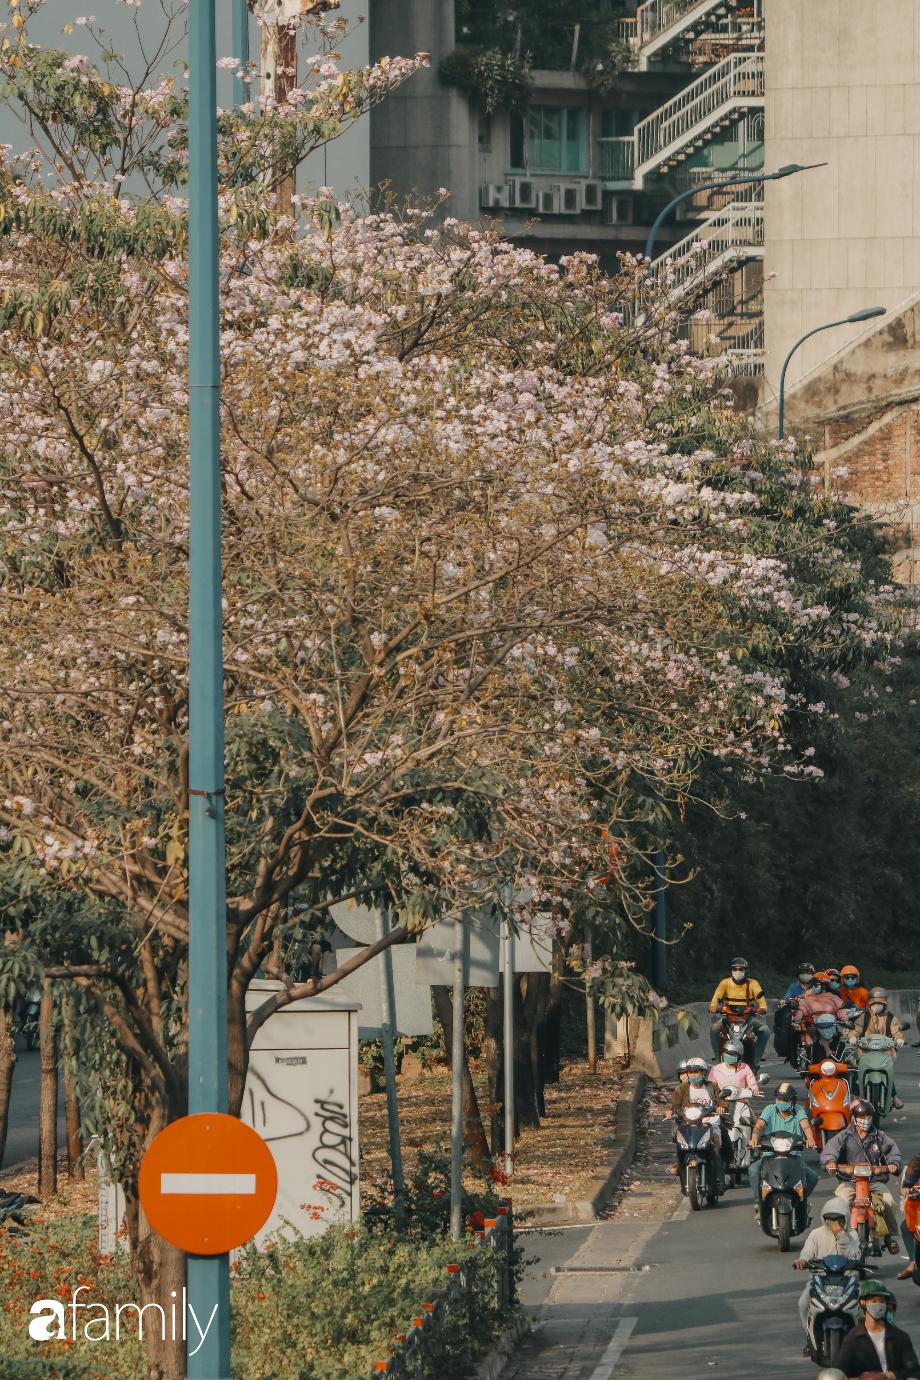 Chùm ảnh: Sài Gòn trở nên khác lạ khi hoa Kèn hồng vào mùa nở rộ, nhưng lạ thay đến hơn một nửa người Sài Gòn chẳng biết đến sự tồn tại của loài hoa này? - Ảnh 5.